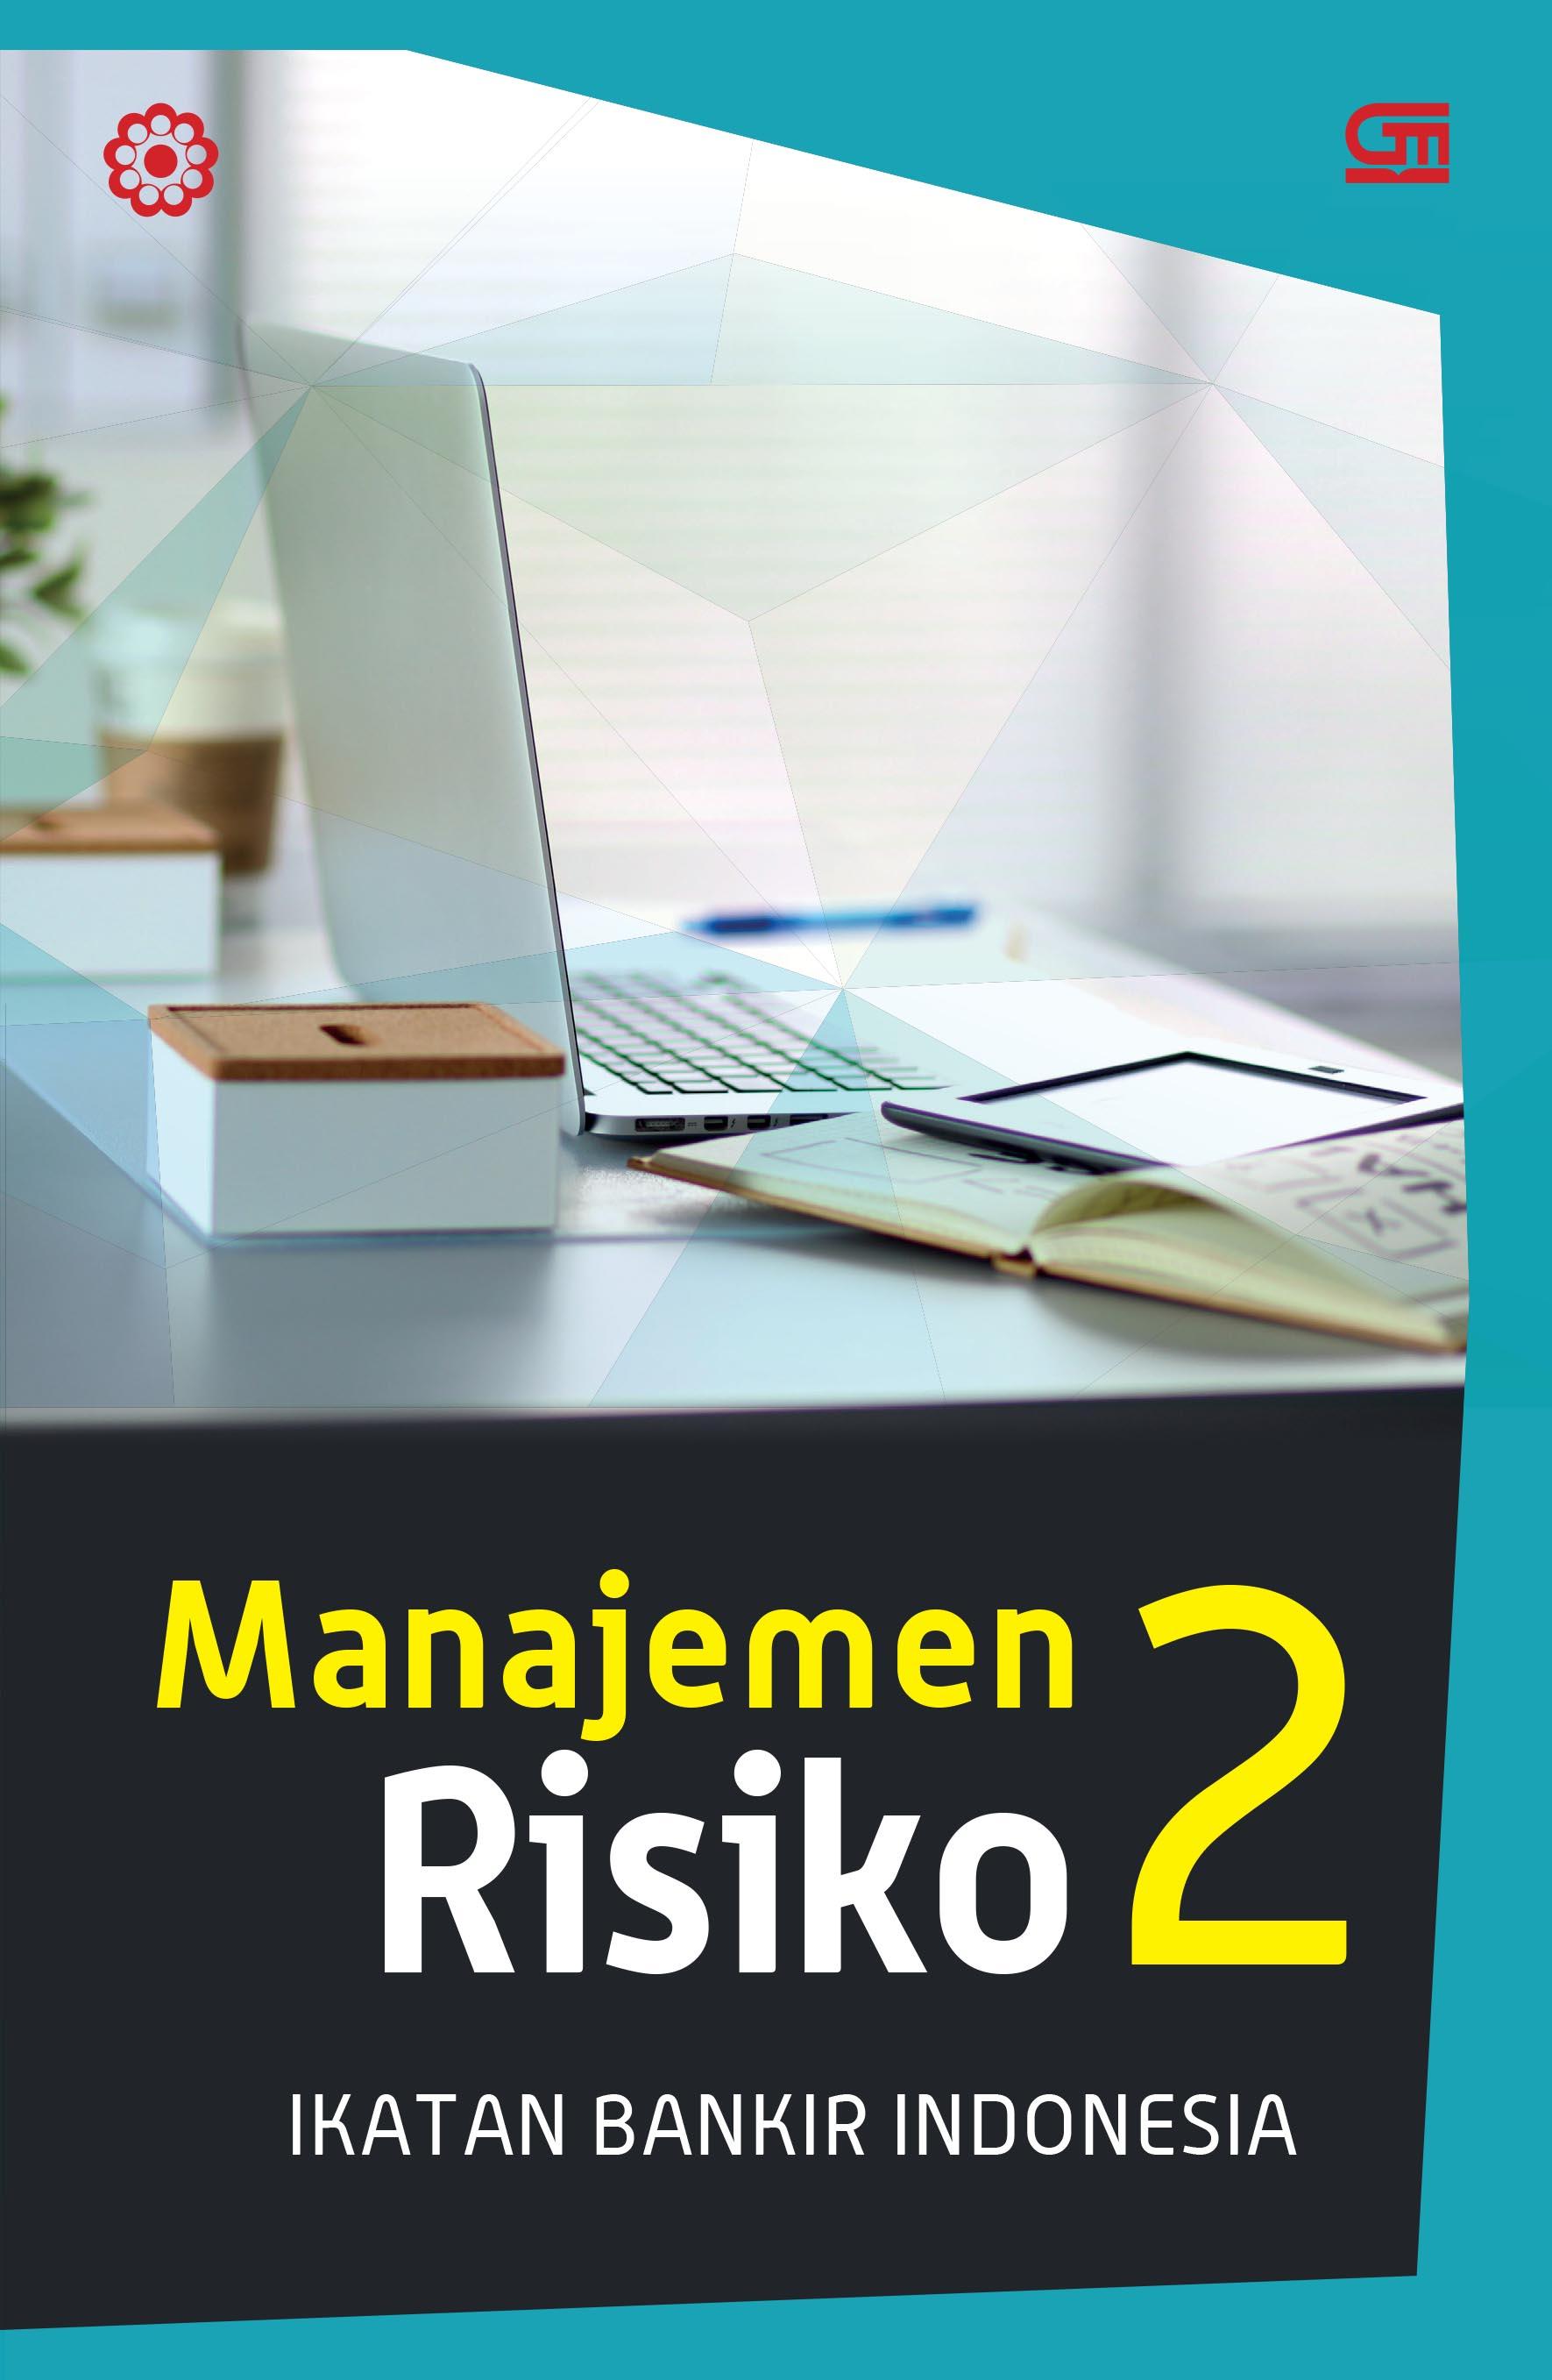 Manajemen Risiko 2 (Cover Baru)